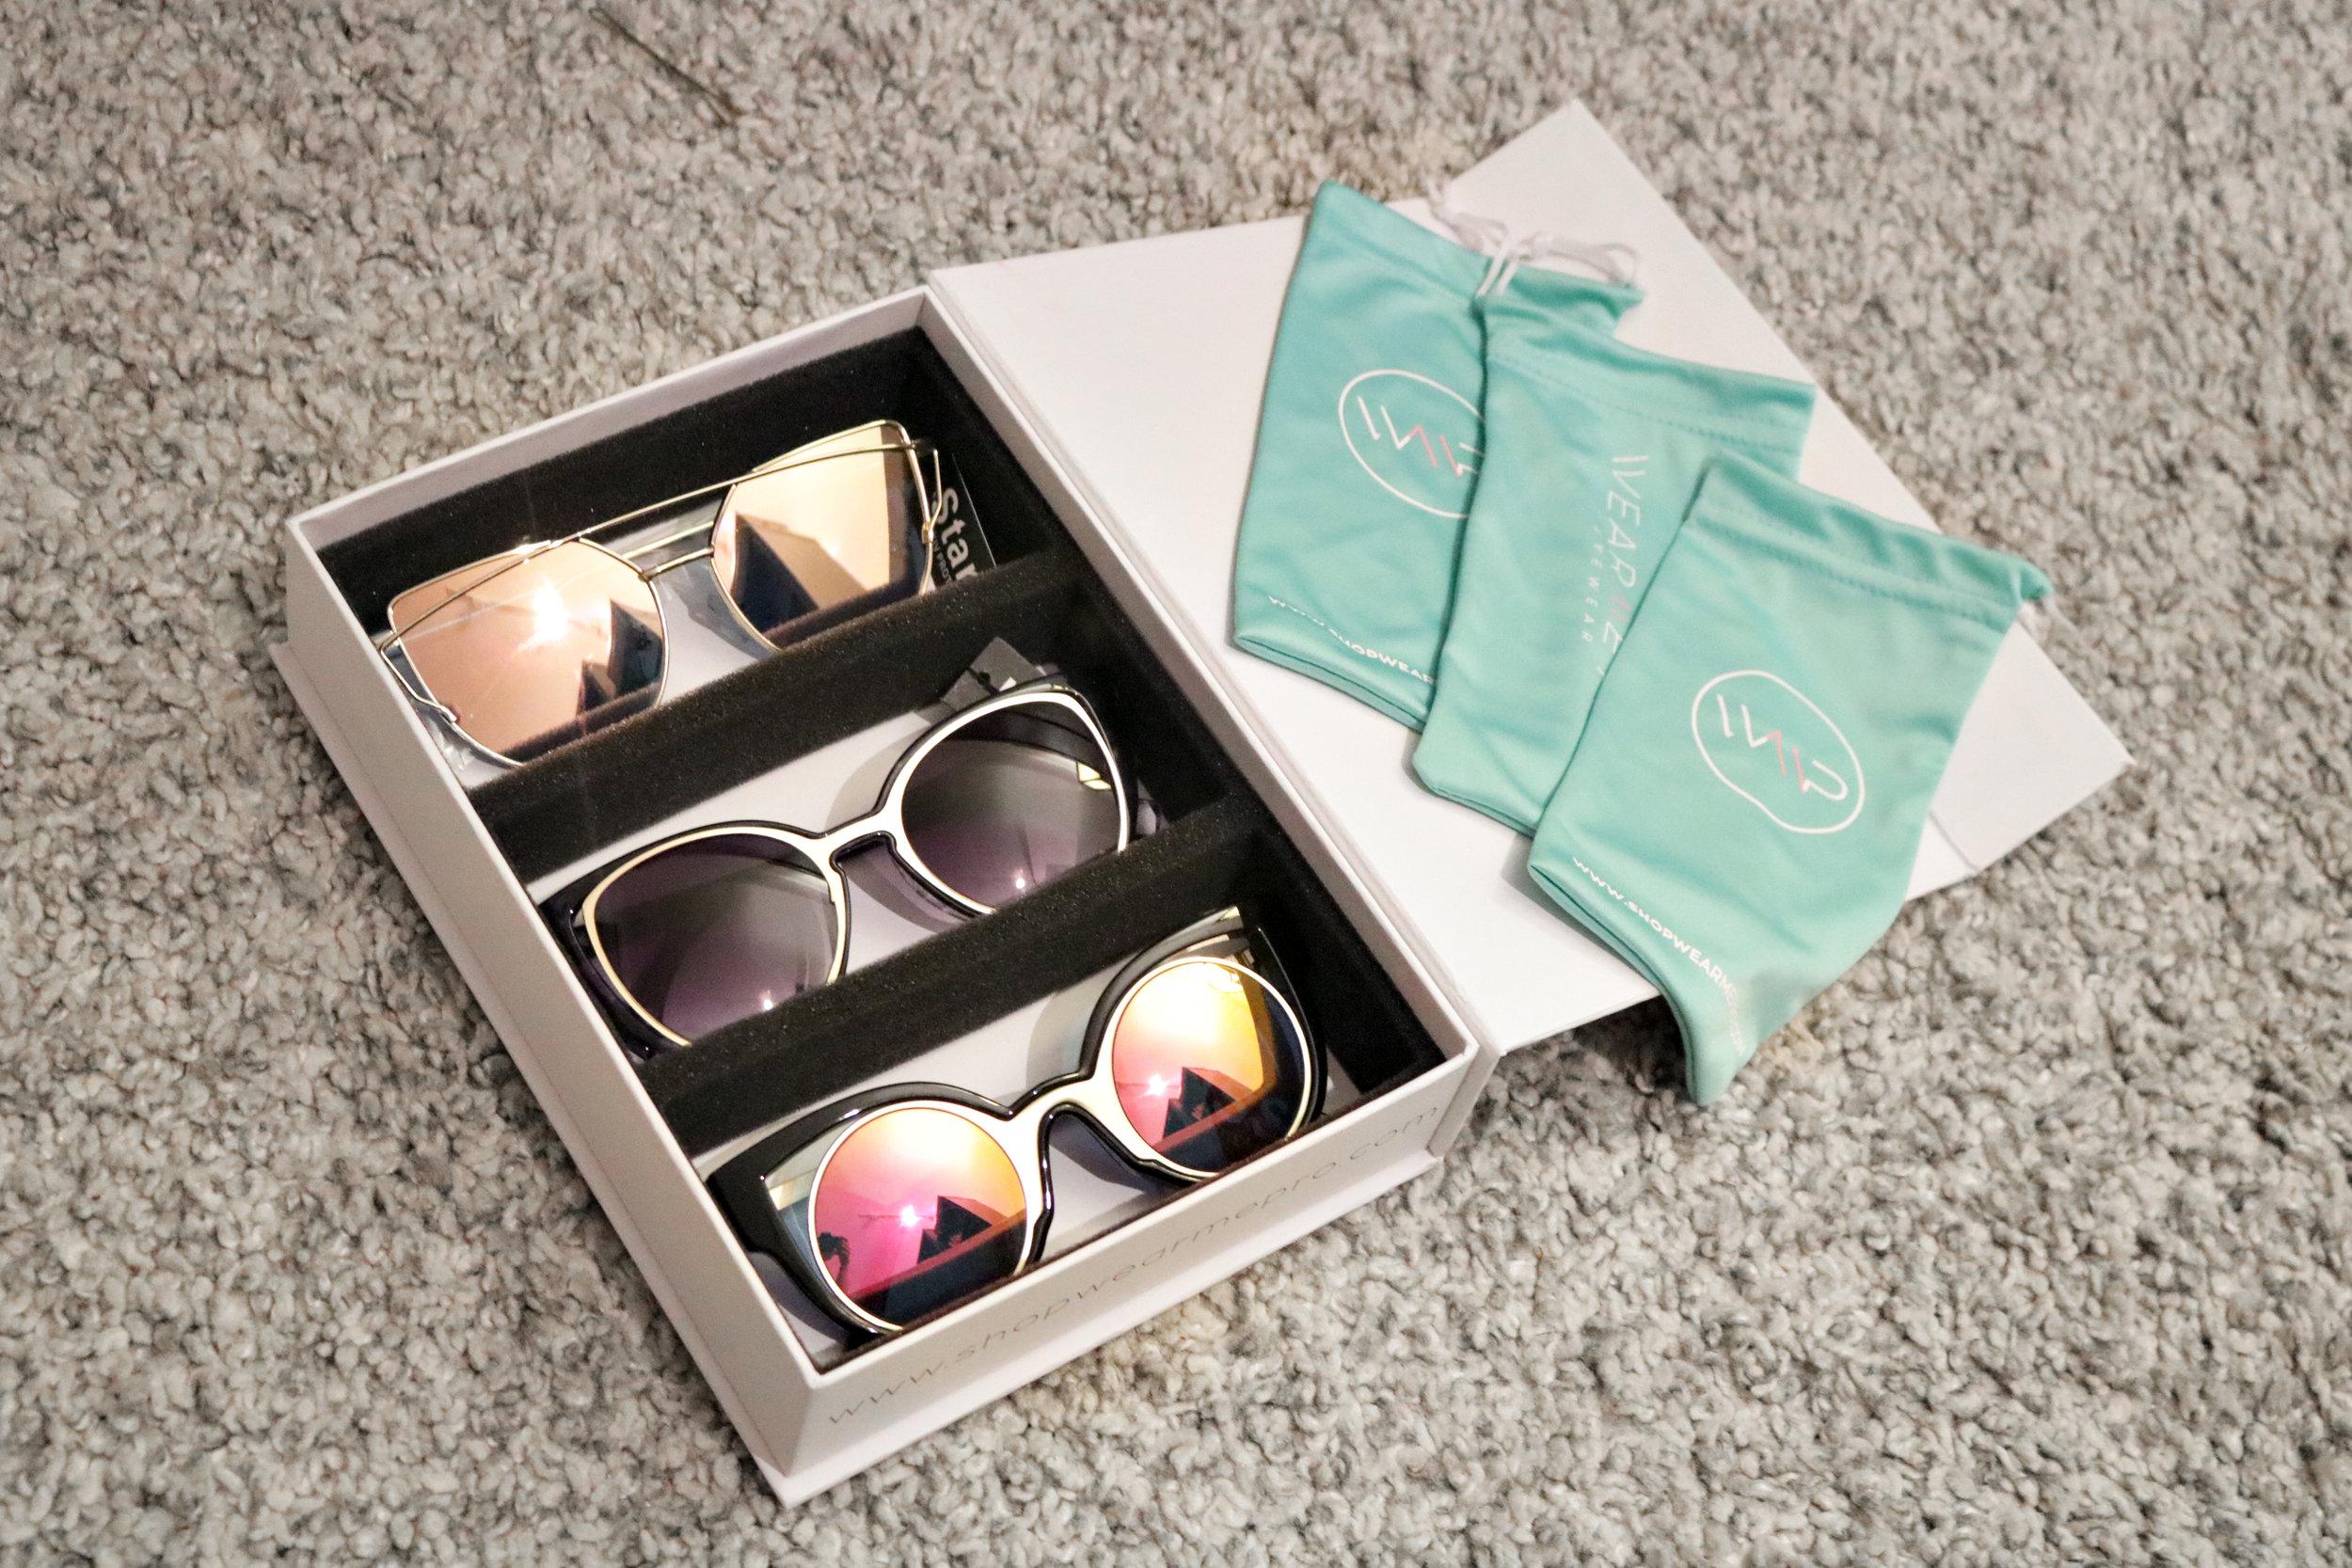 wearmepro_sunglasses_review.jpg